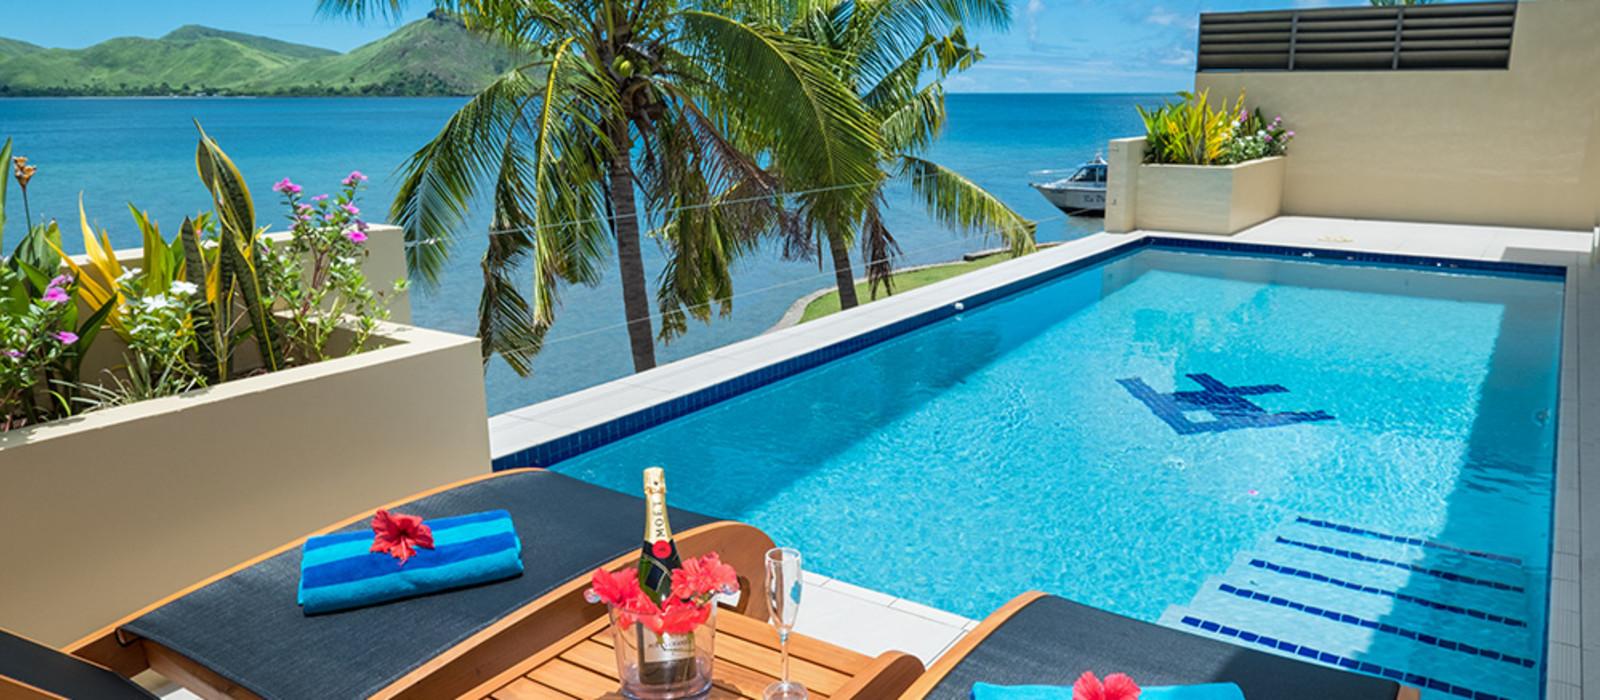 Hotel Volivoli Beach Resort Fiji